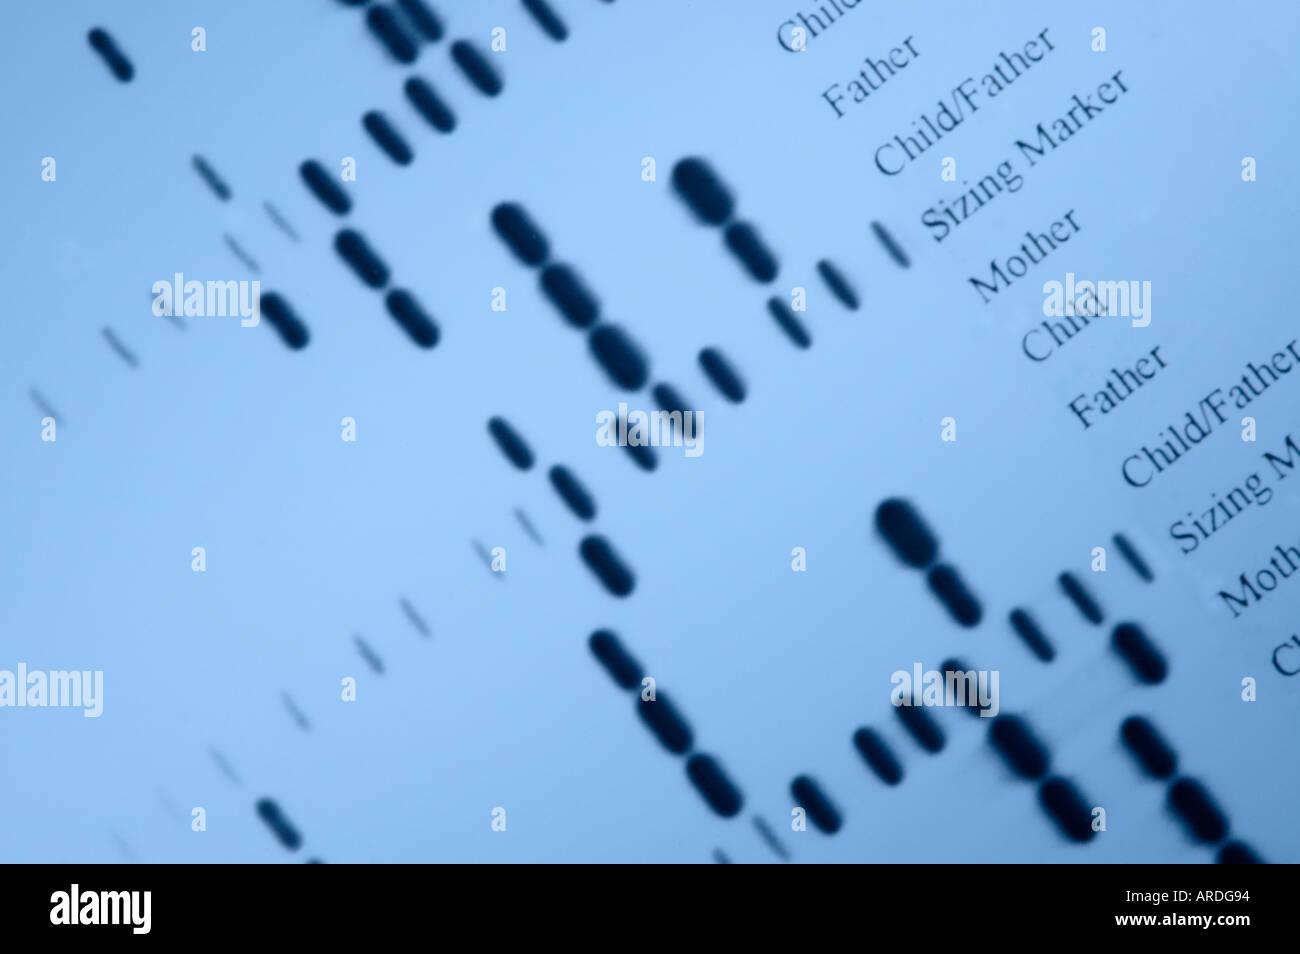 Autoradiografia del 'DNA impronte digitali' dalla determinazione di paternità indagini Immagini Stock